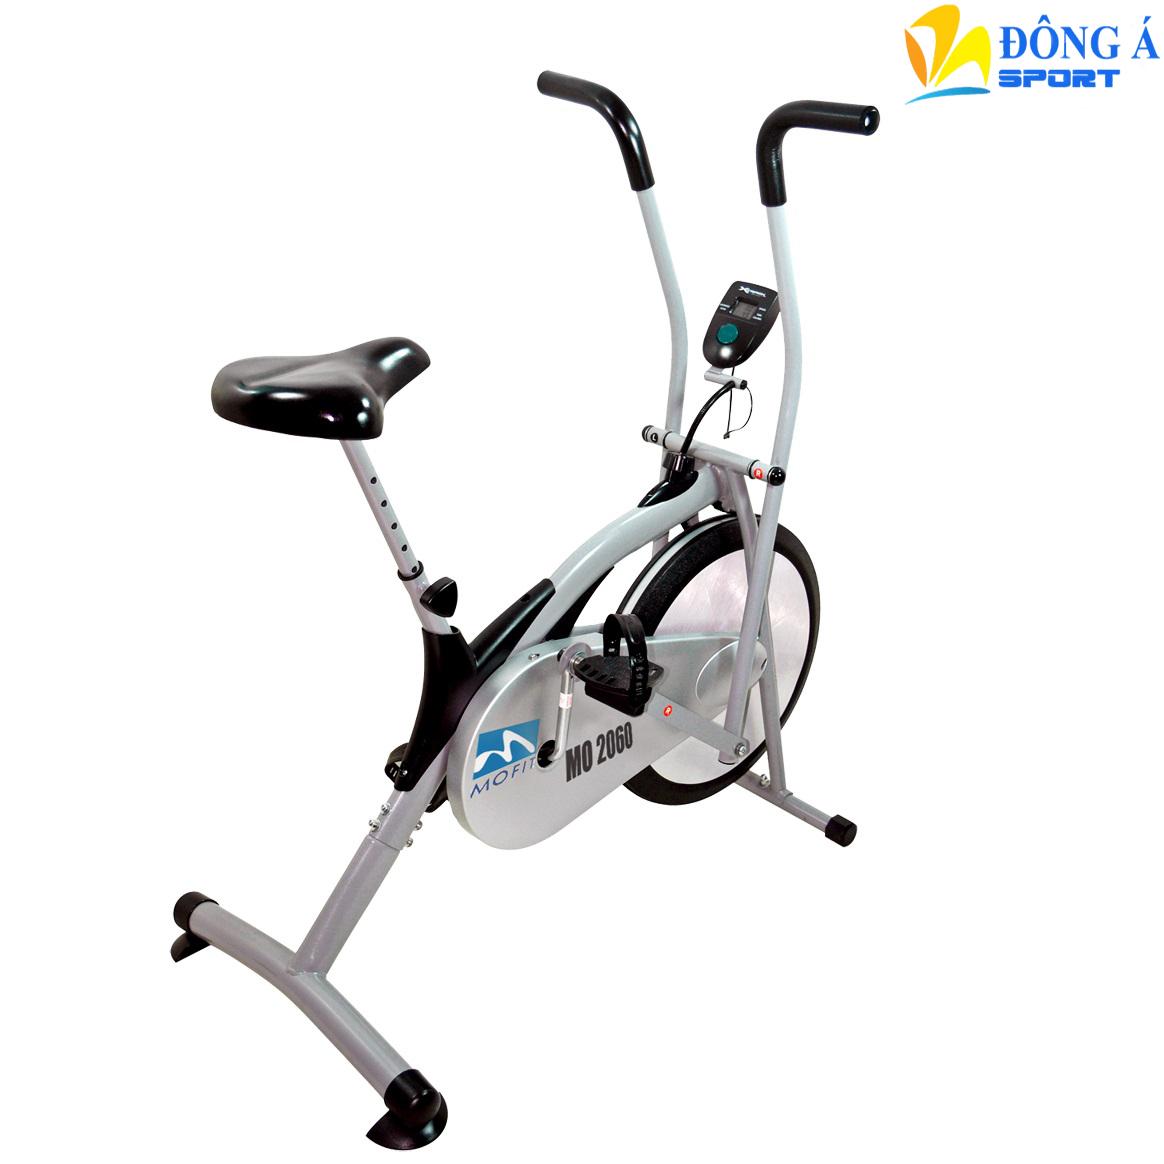 Xe đạp tập thể dục Mofit Mo 2060